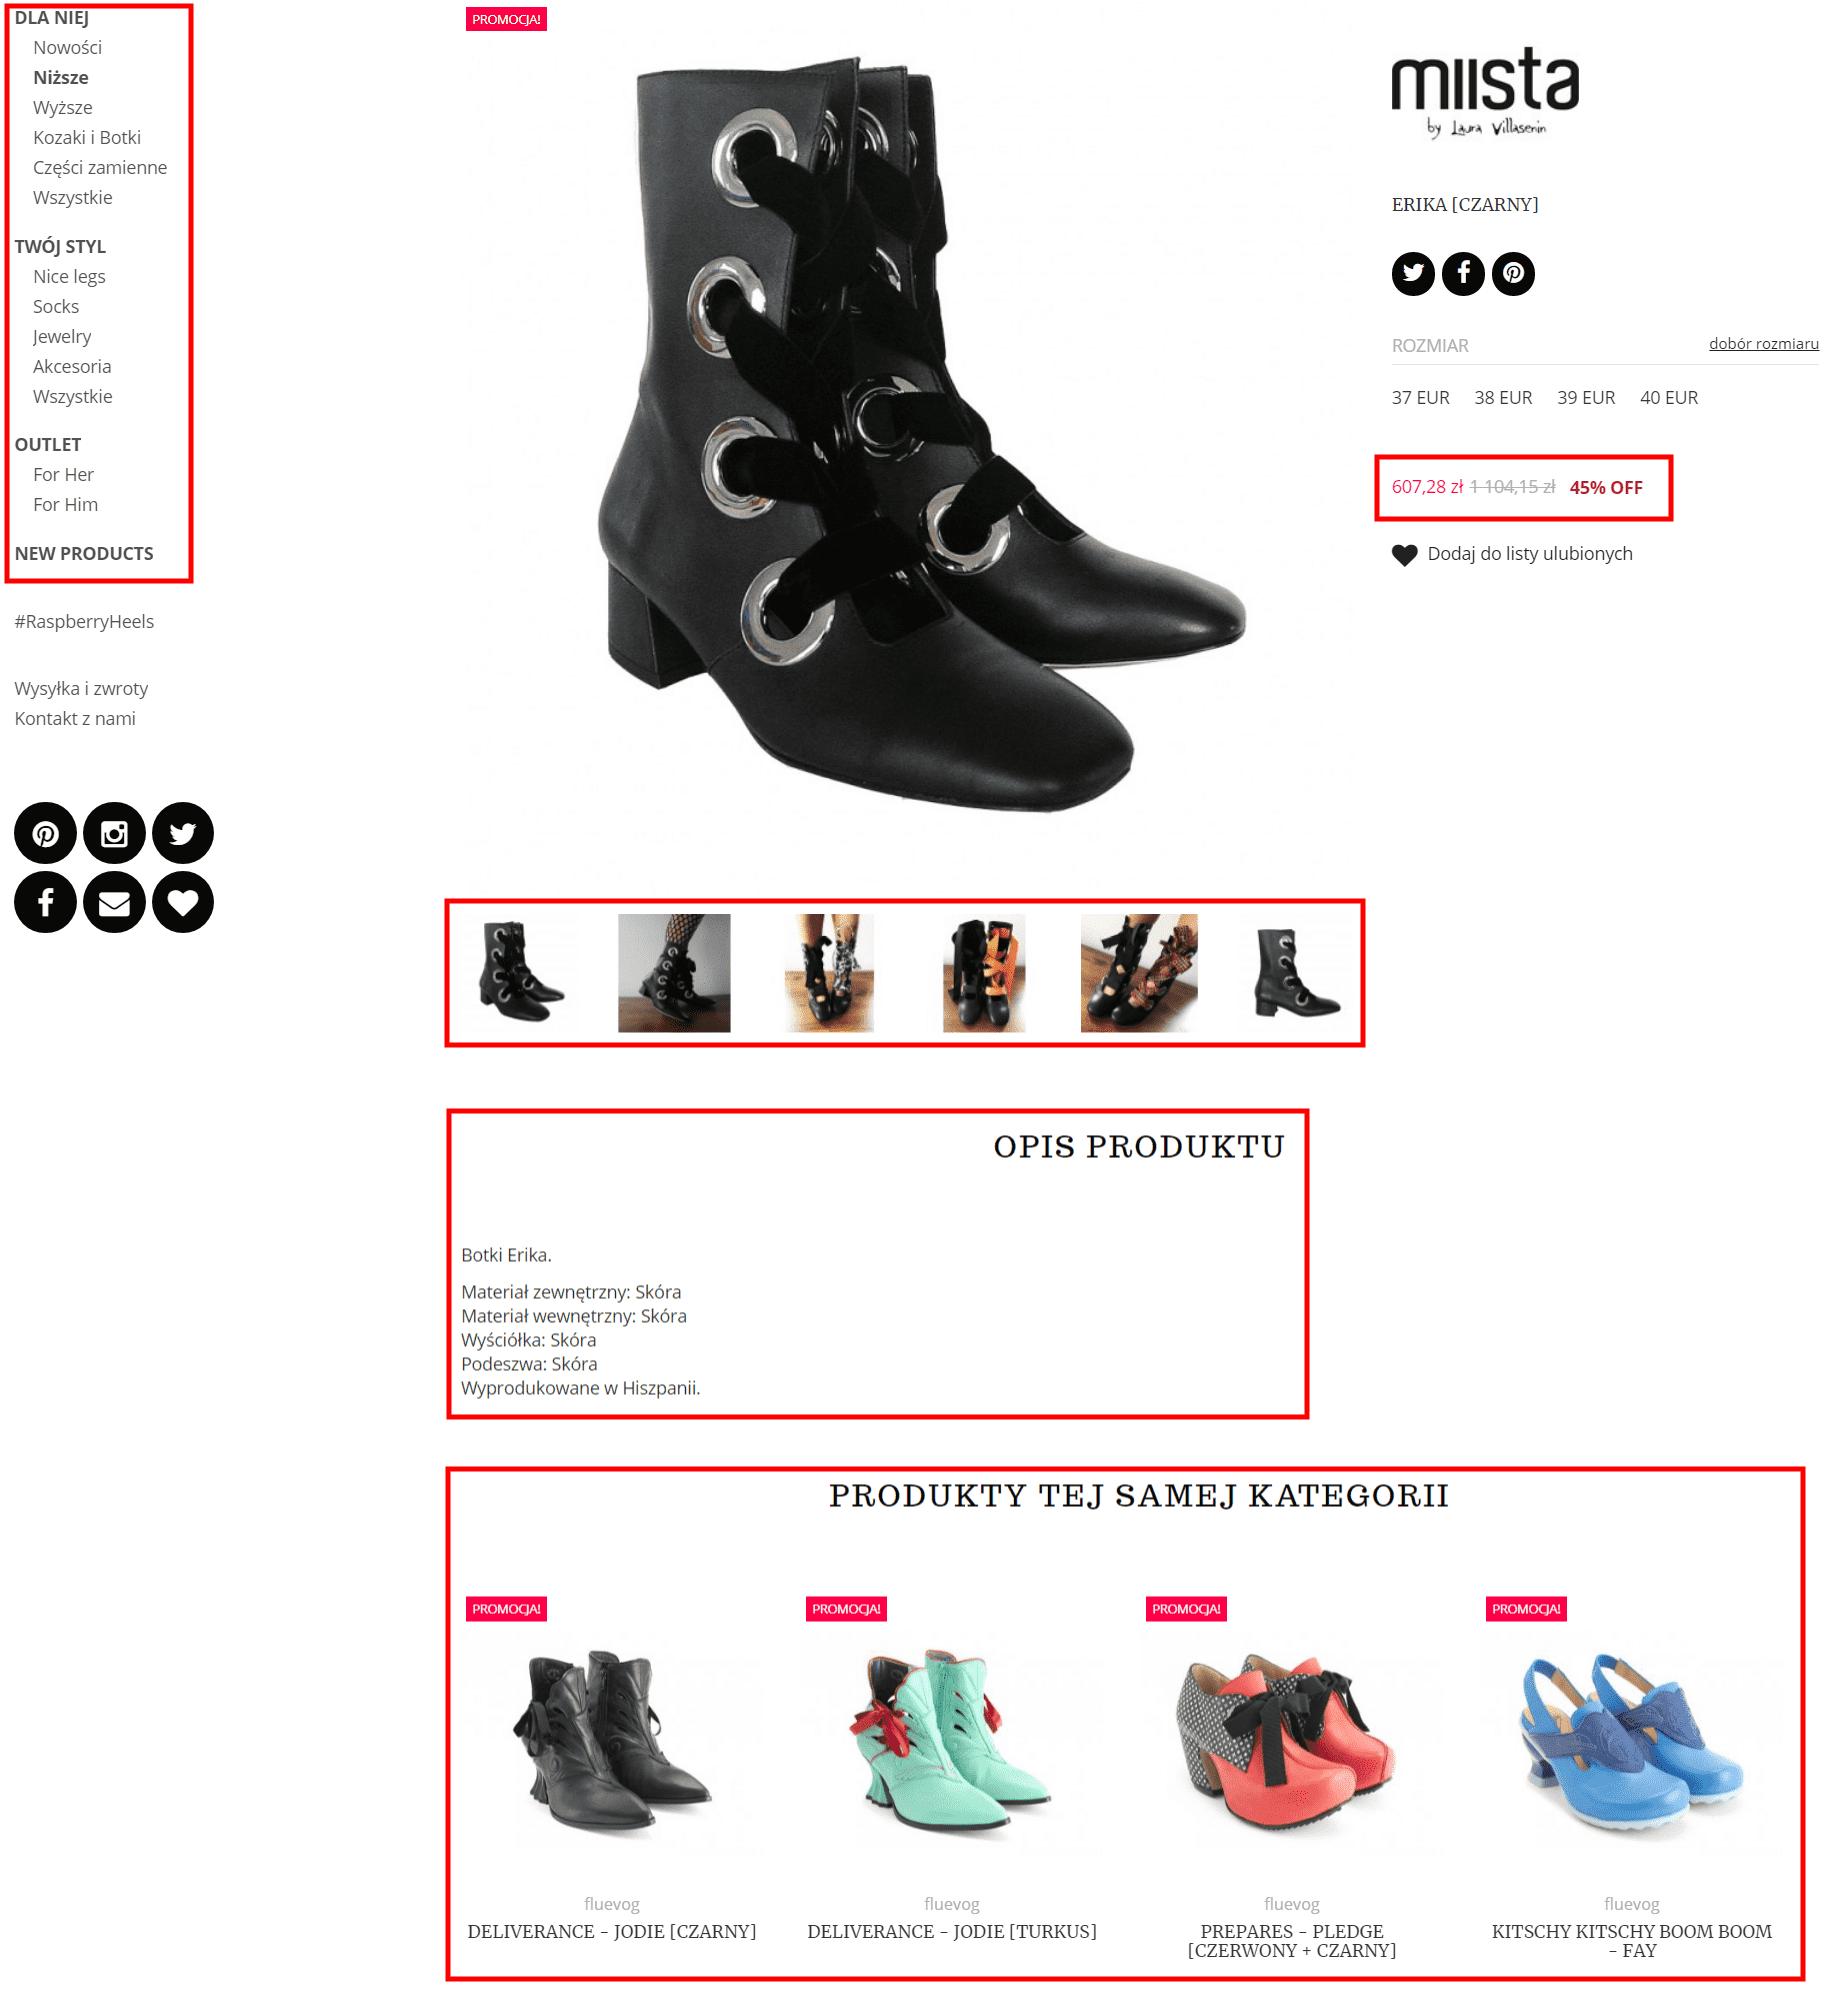 Testy A/B na stronie produktu - sklep 2